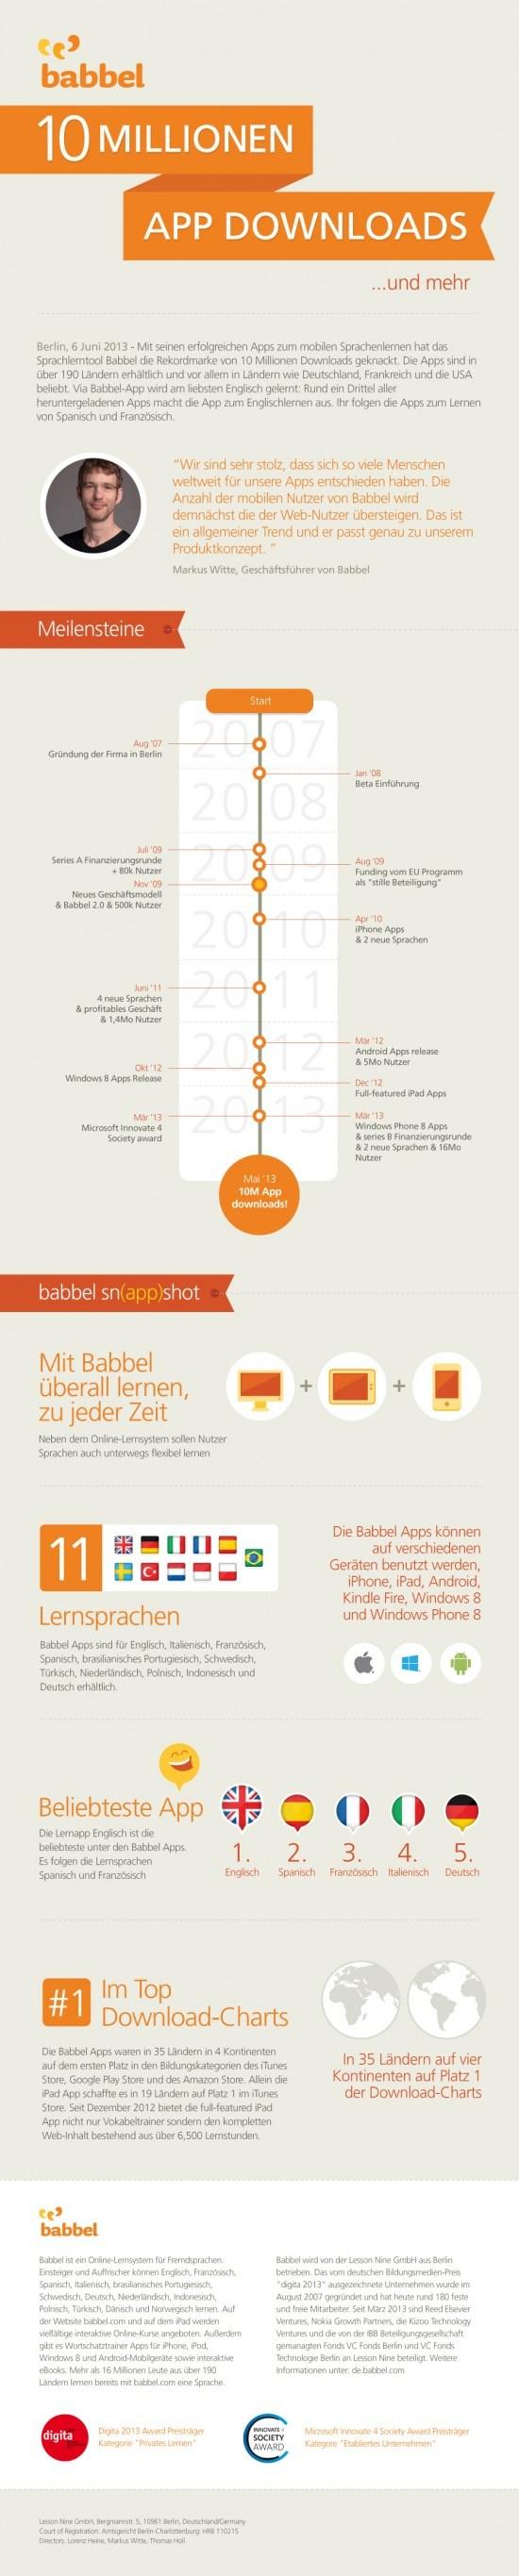 Babbel Apps knacken die 10 Millionen Downloads